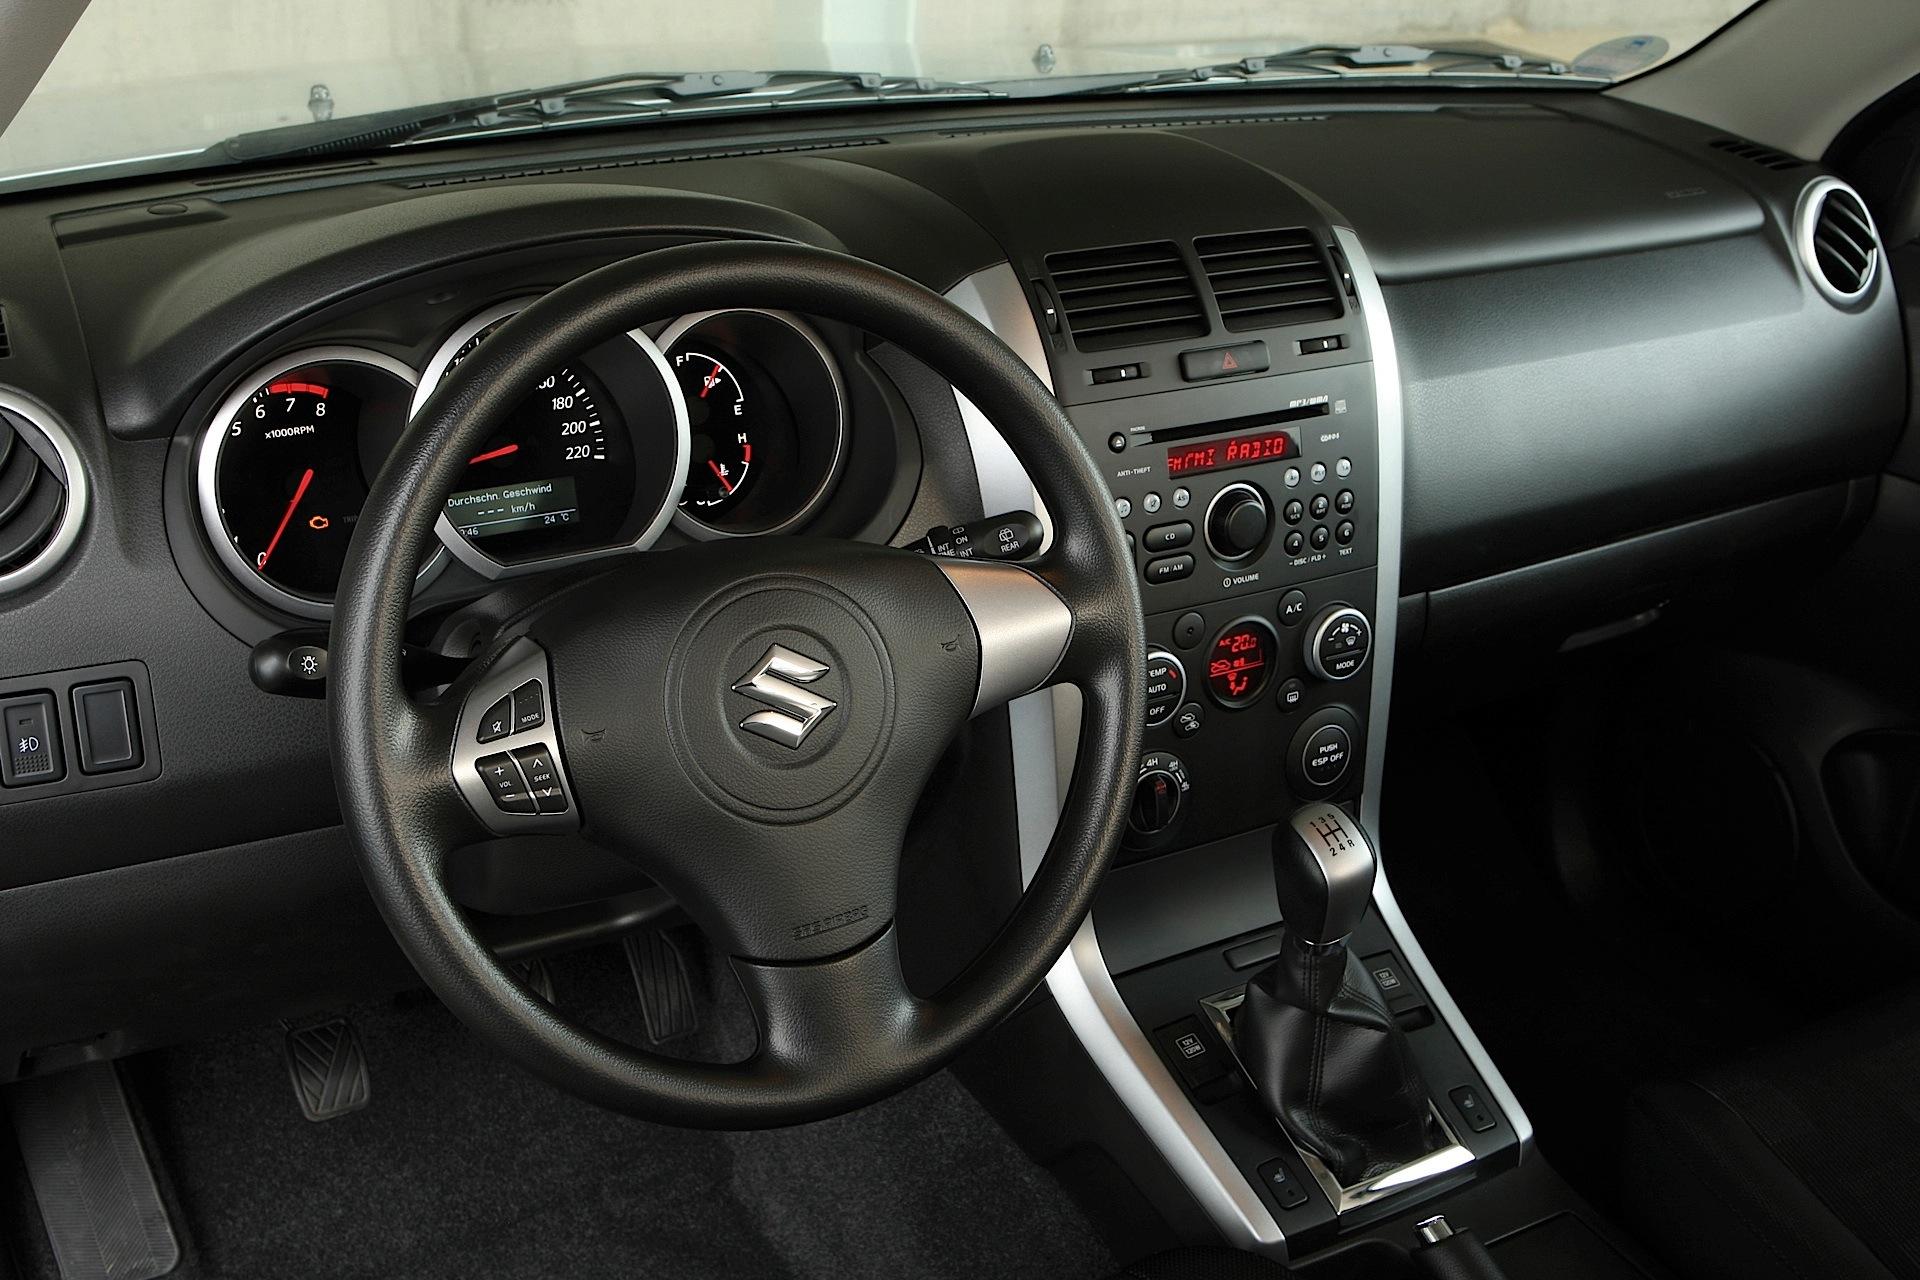 Suzuki Grand Vitara 3 Doors 2008 2009 2010 2011 2012 2013 2014 2015 2016 2017